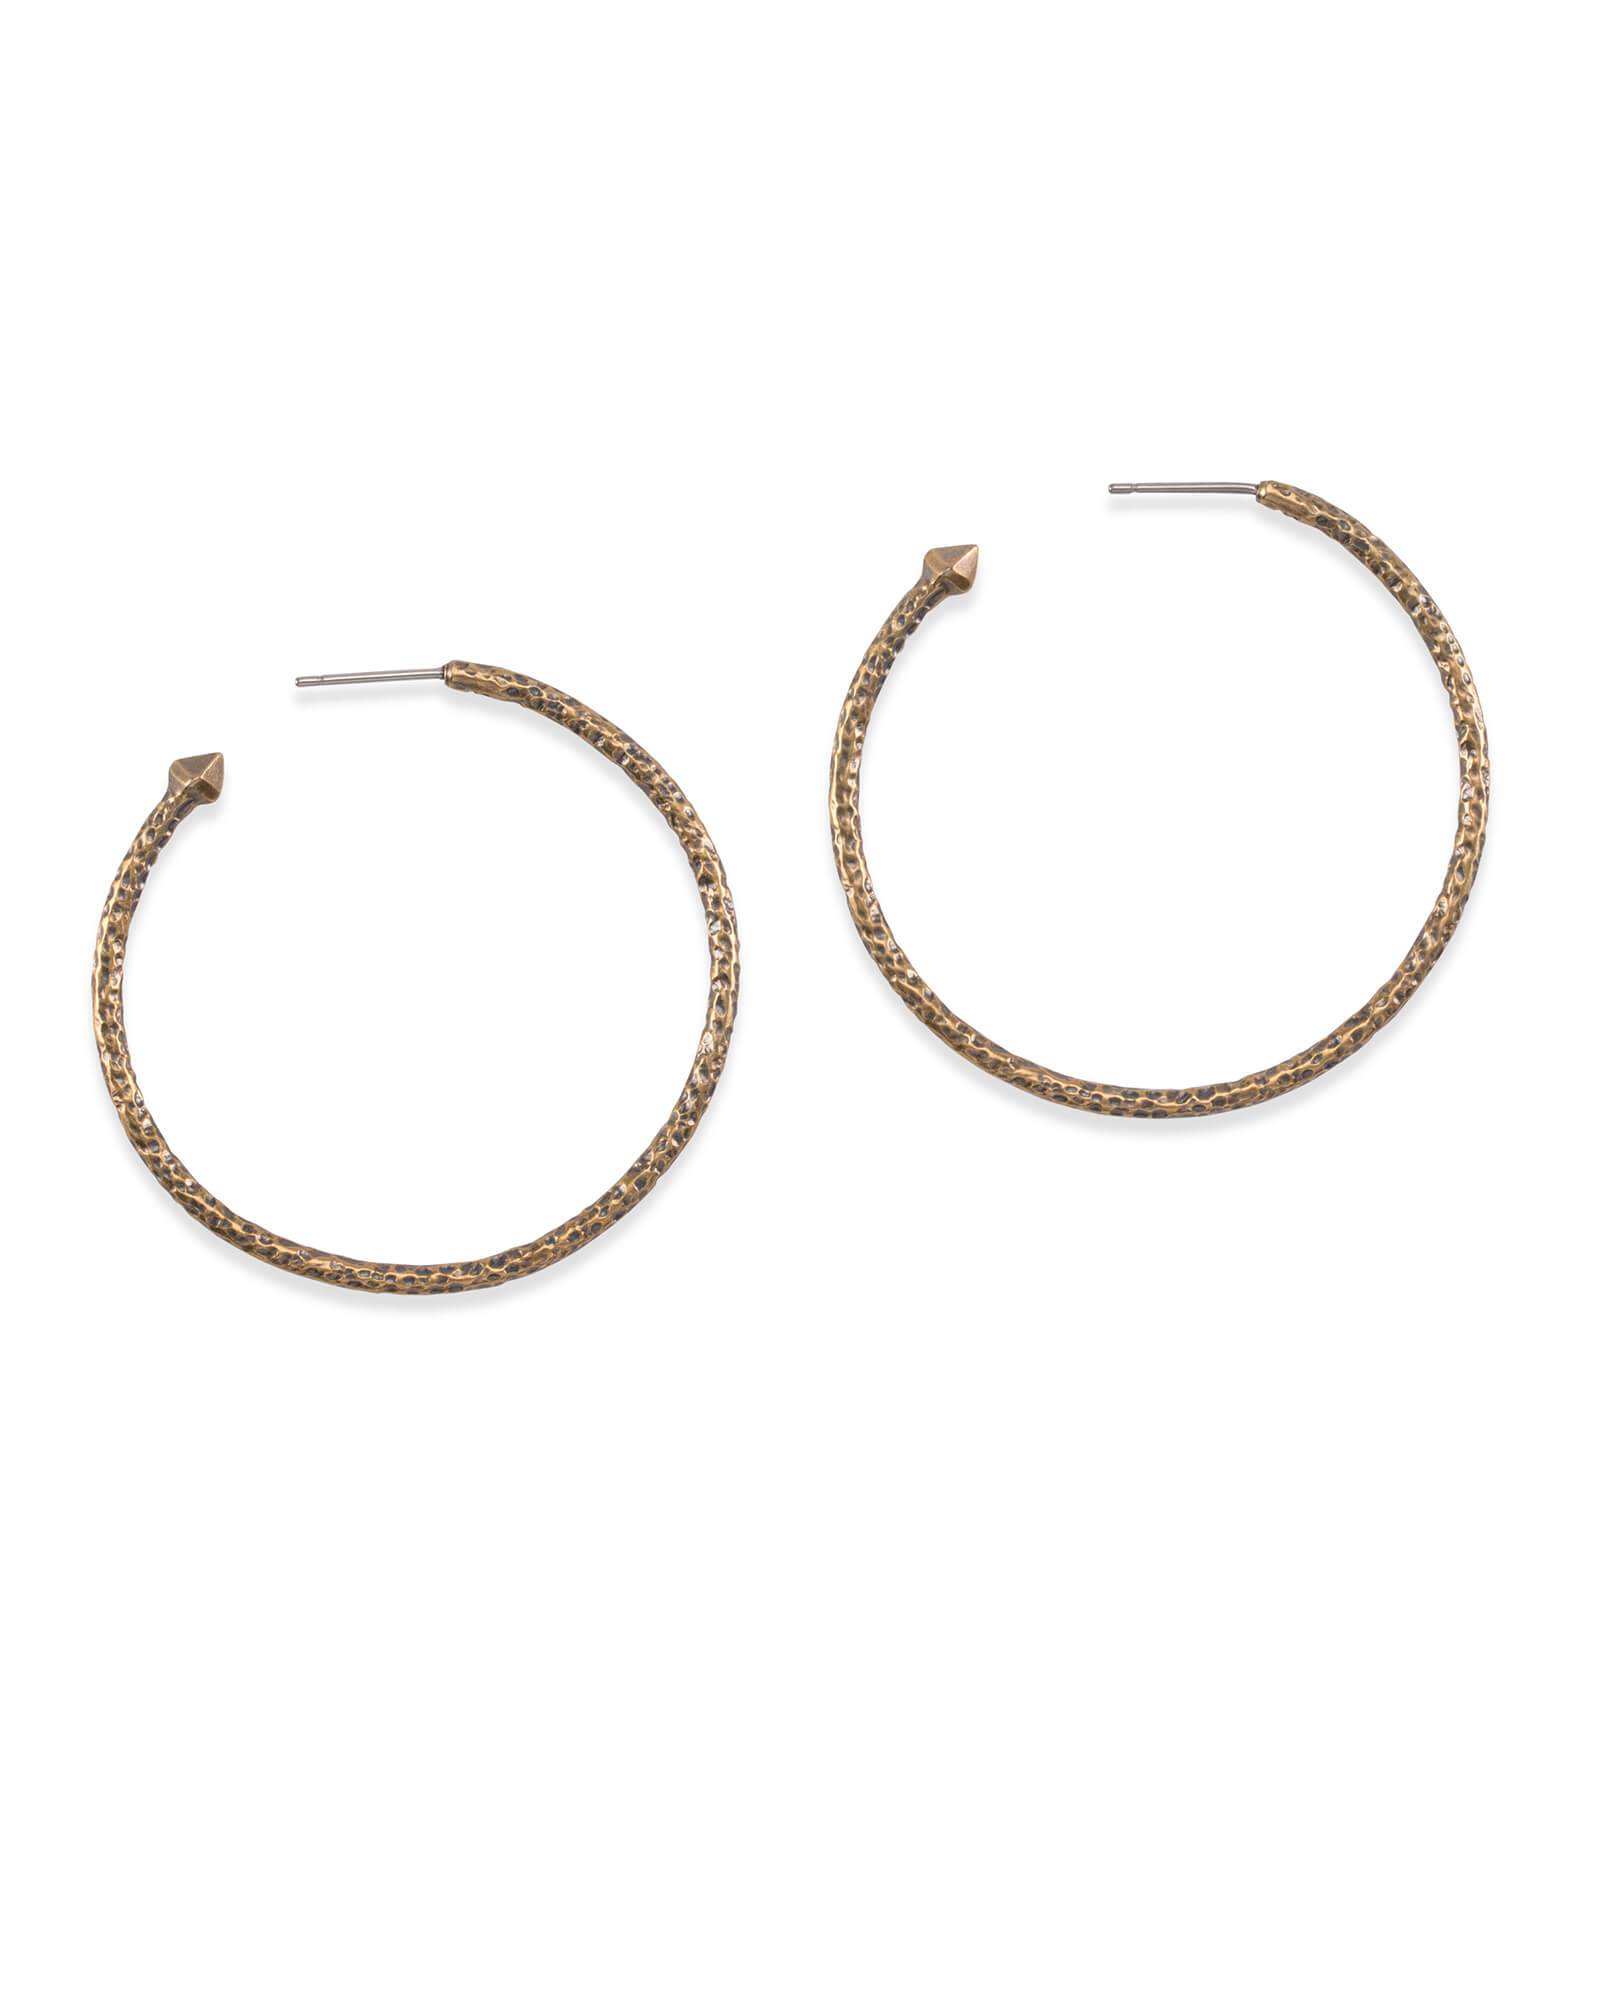 Hammered Hoop Earrings In Vintage Gold